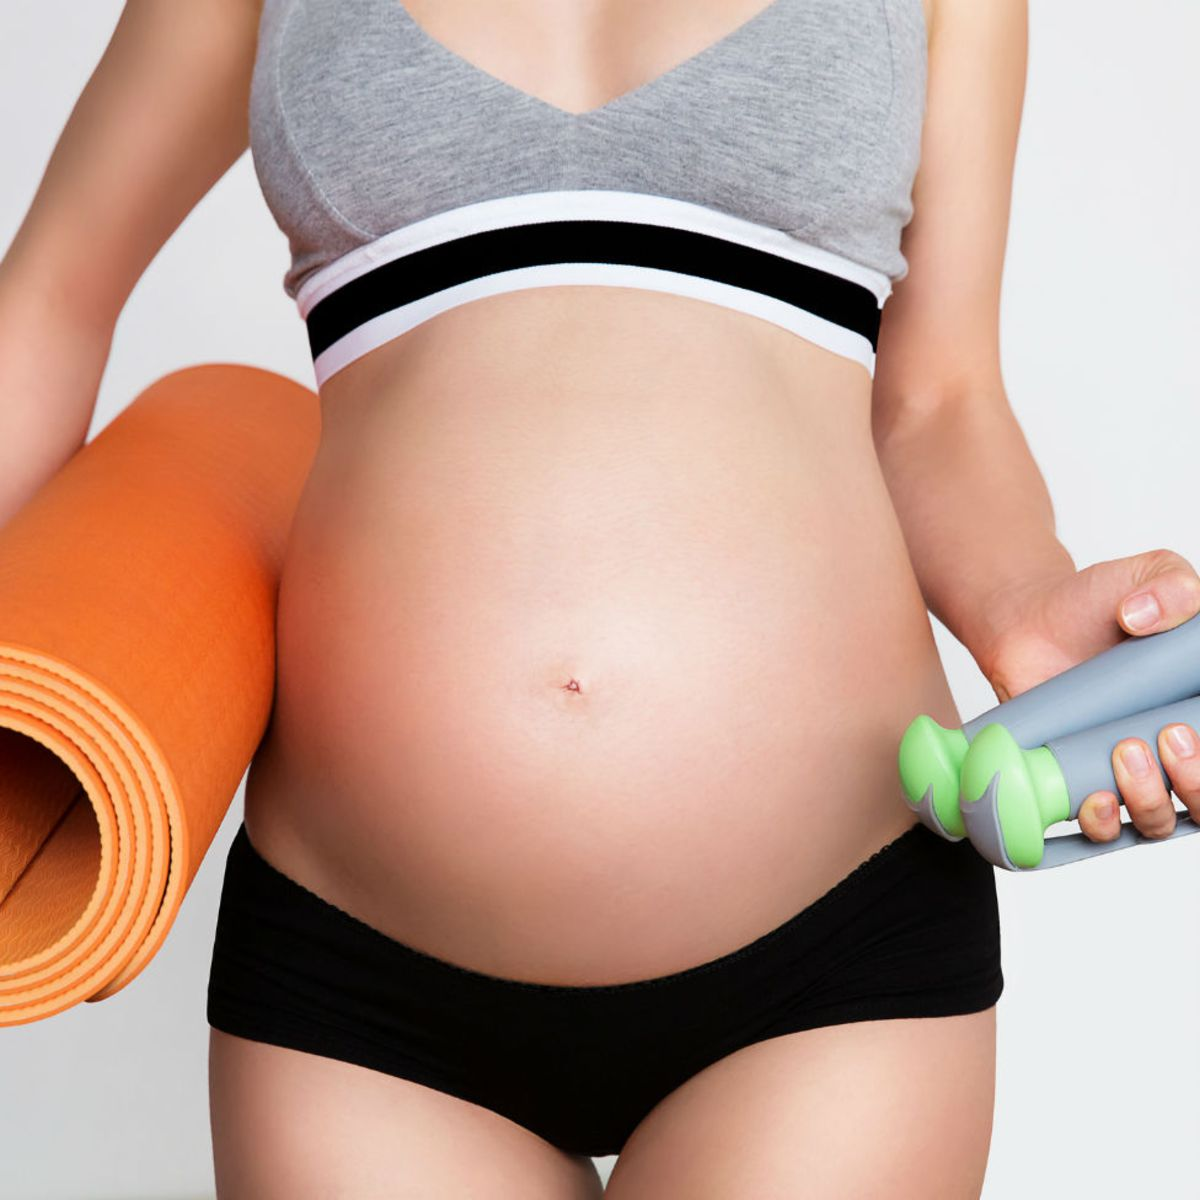 Calcul grossesse : que faire quand on est enceinte ?